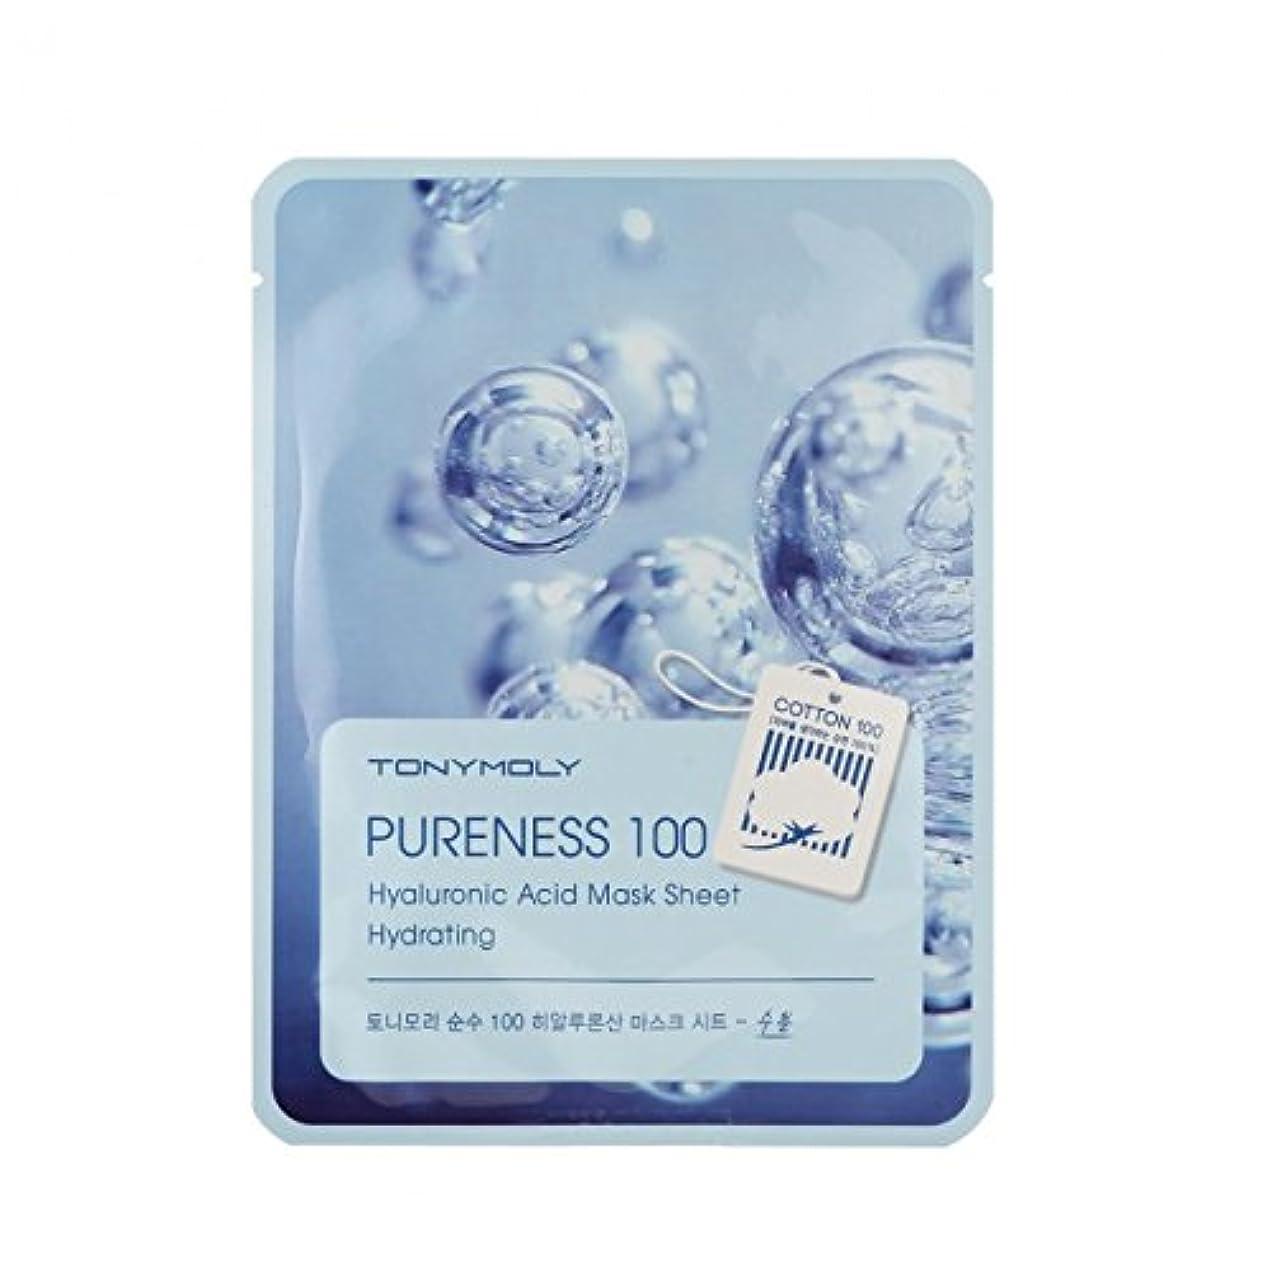 契約するボットガレージ(6 Pack) TONYMOLY Pureness 100 Hyaluronic Acid Mask Sheet Hydrating (並行輸入品)